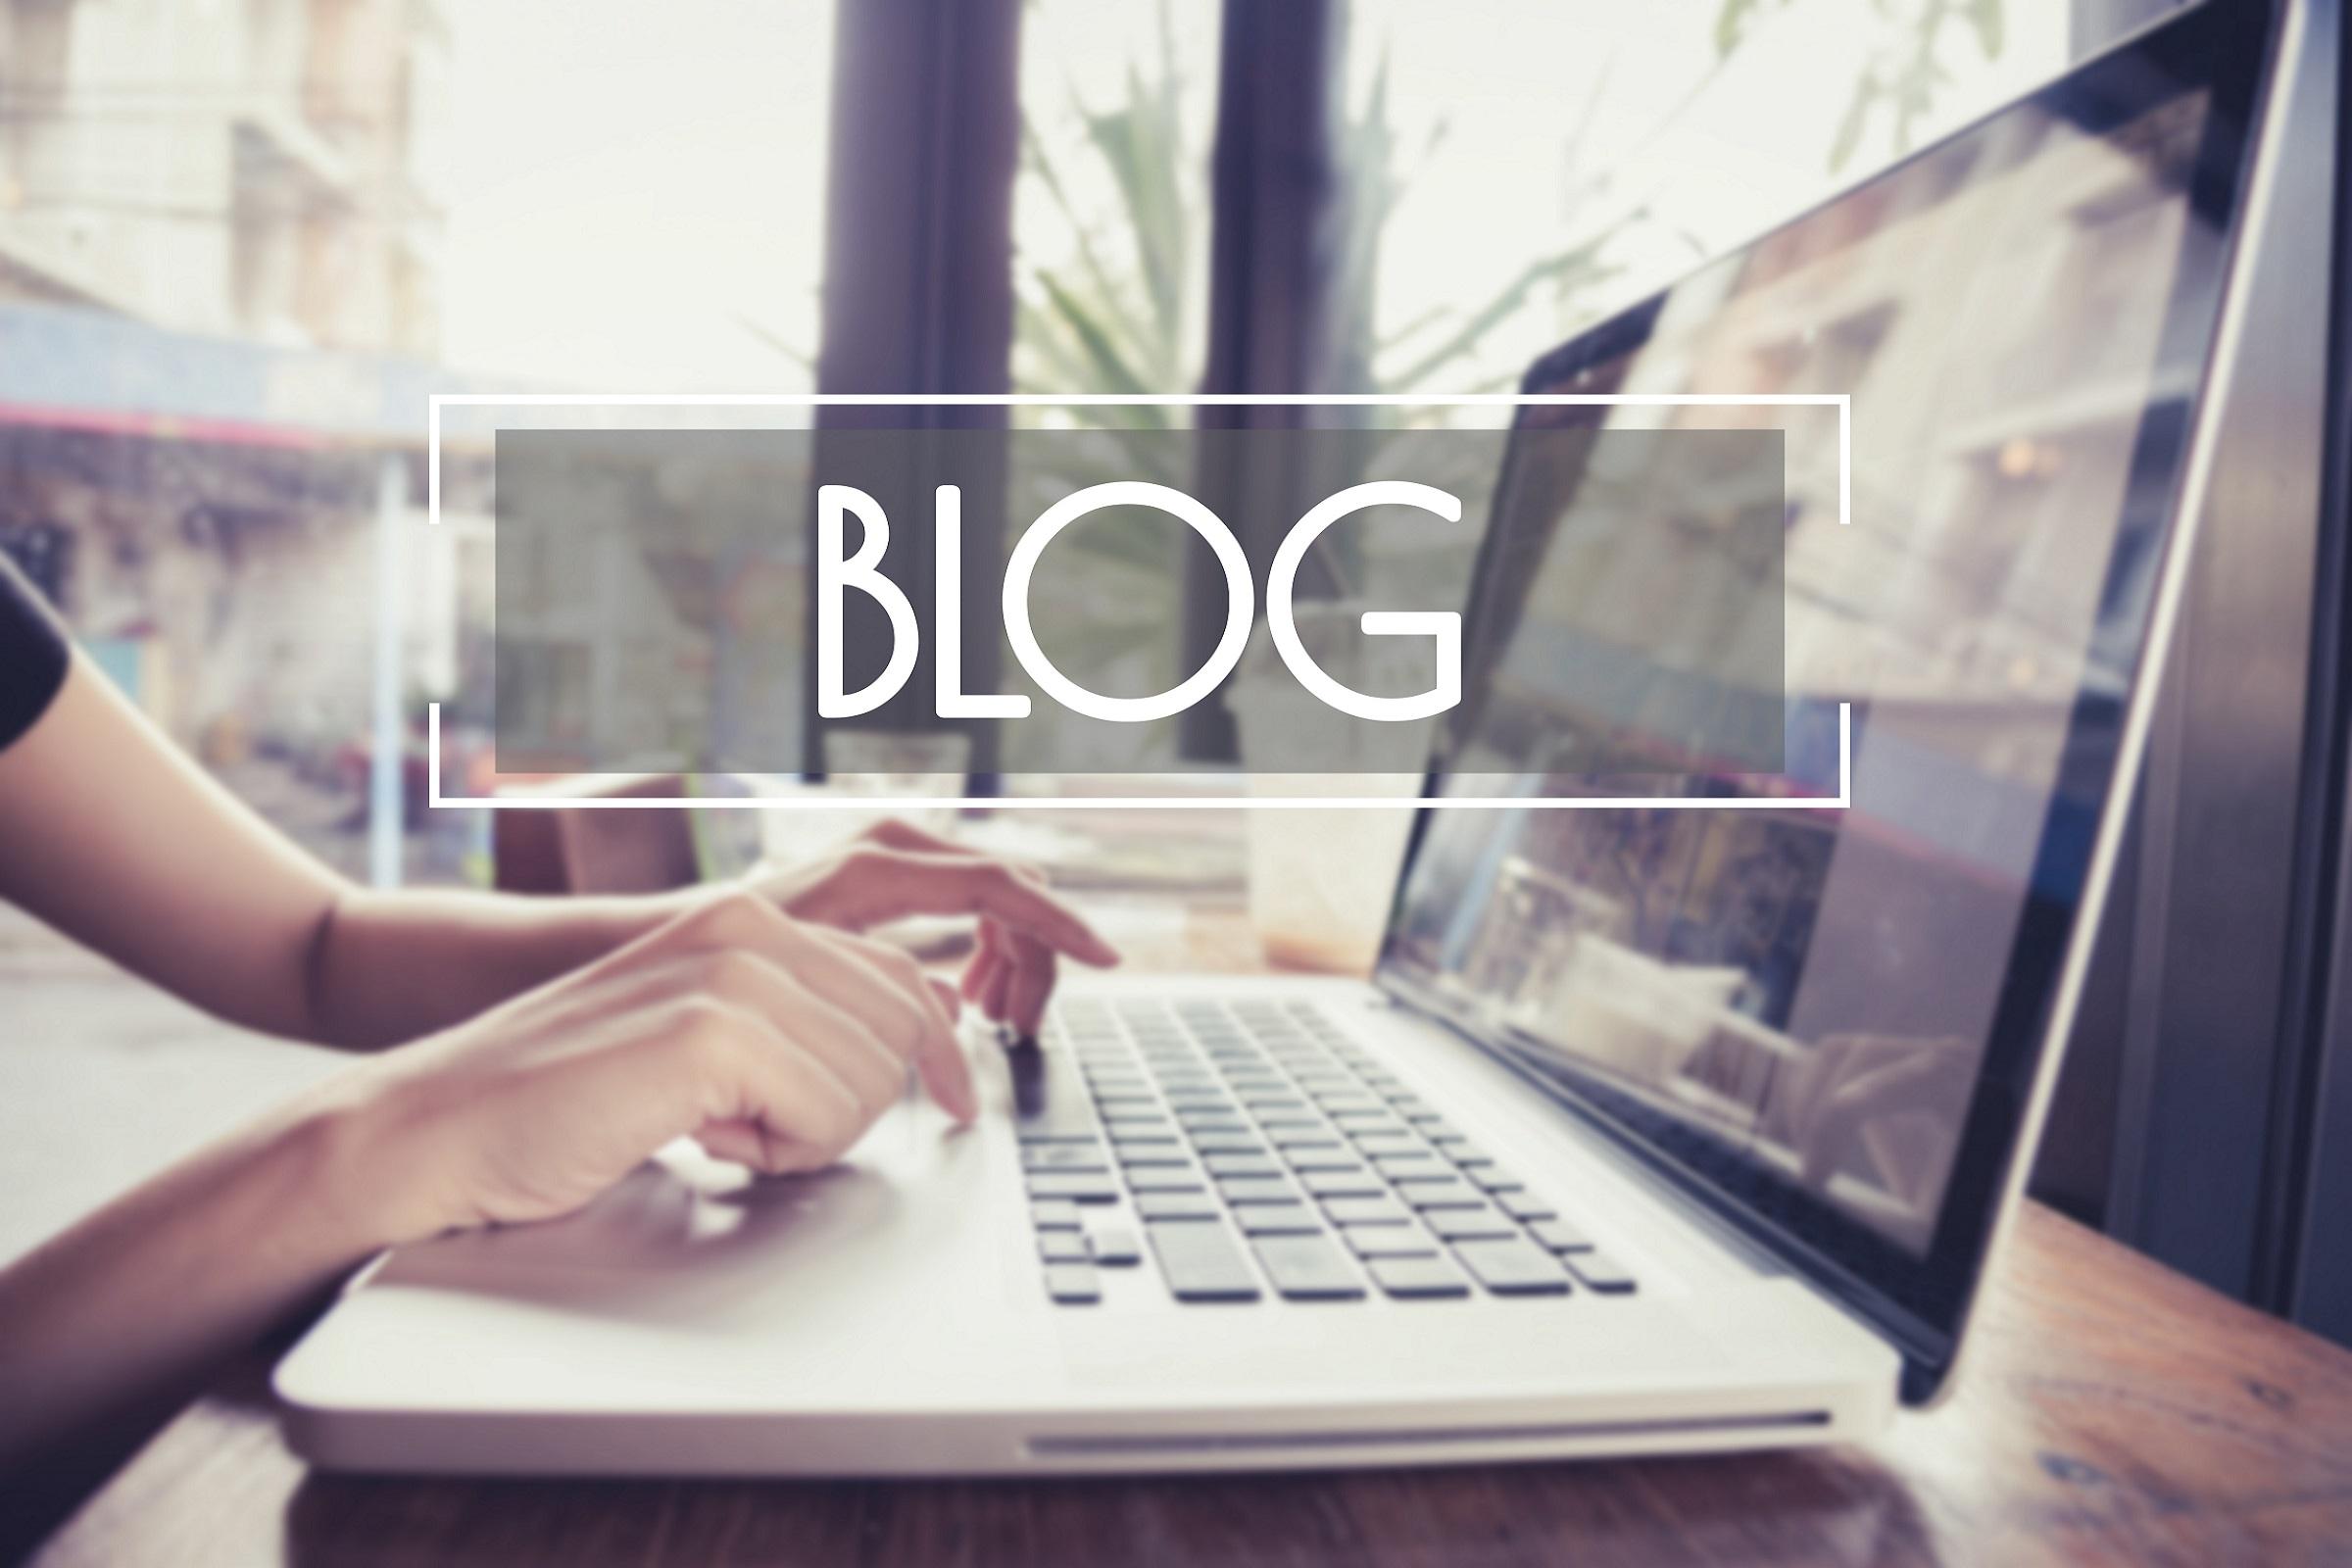 Willkommen in meinem Blog!